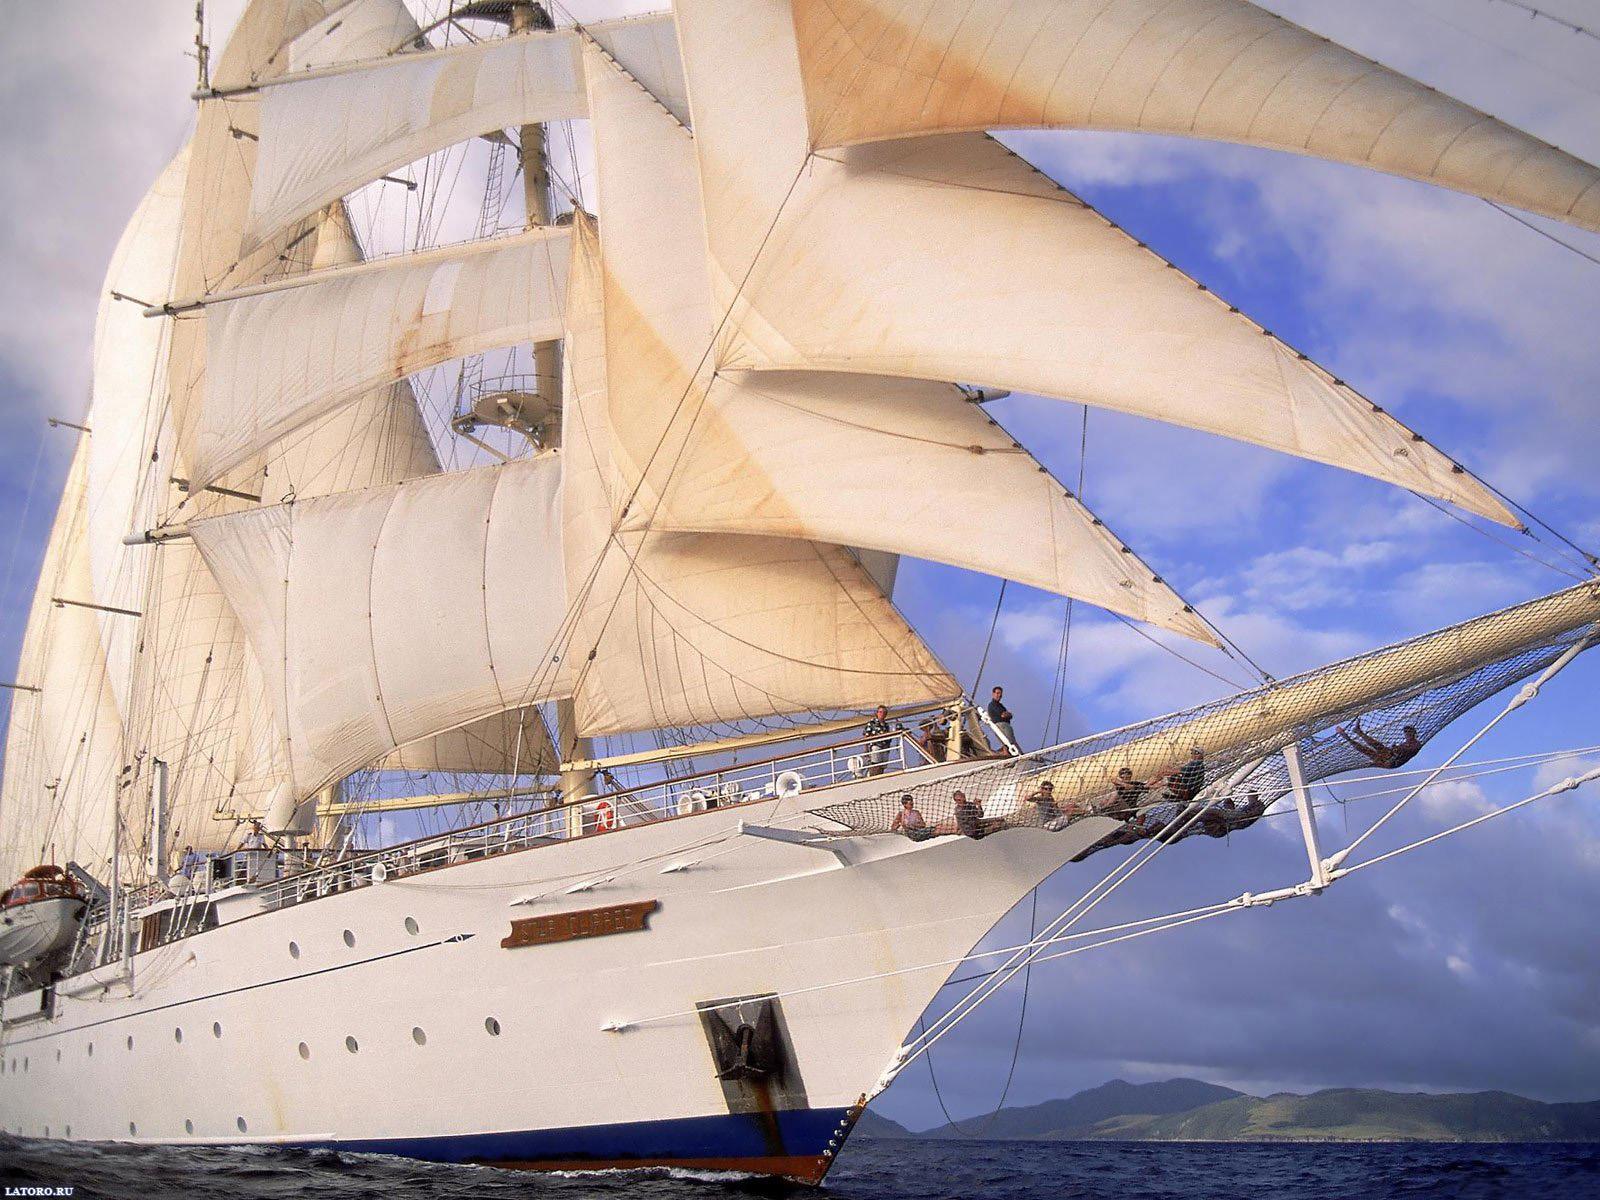 Парусный корабль, фрегат, бриг, корабли, обои